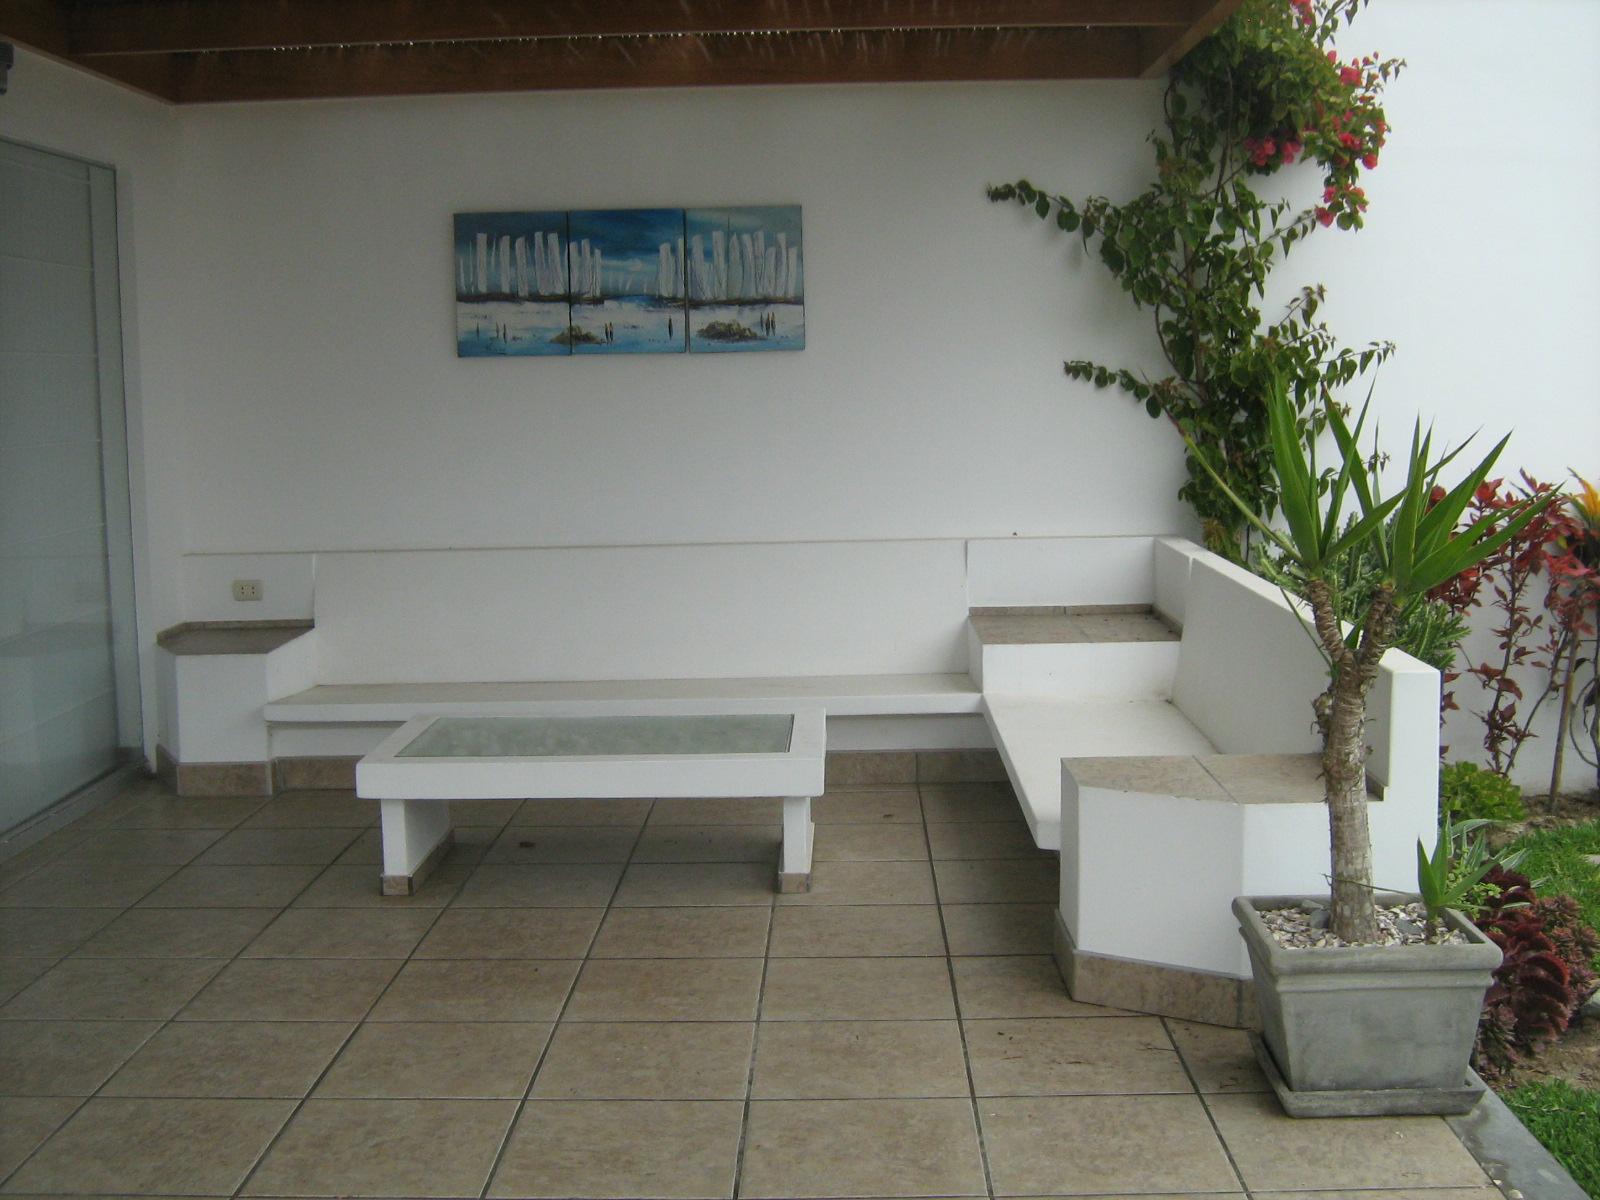 Muebles de concreto para tu casa playa asia - Casas de muebles ...